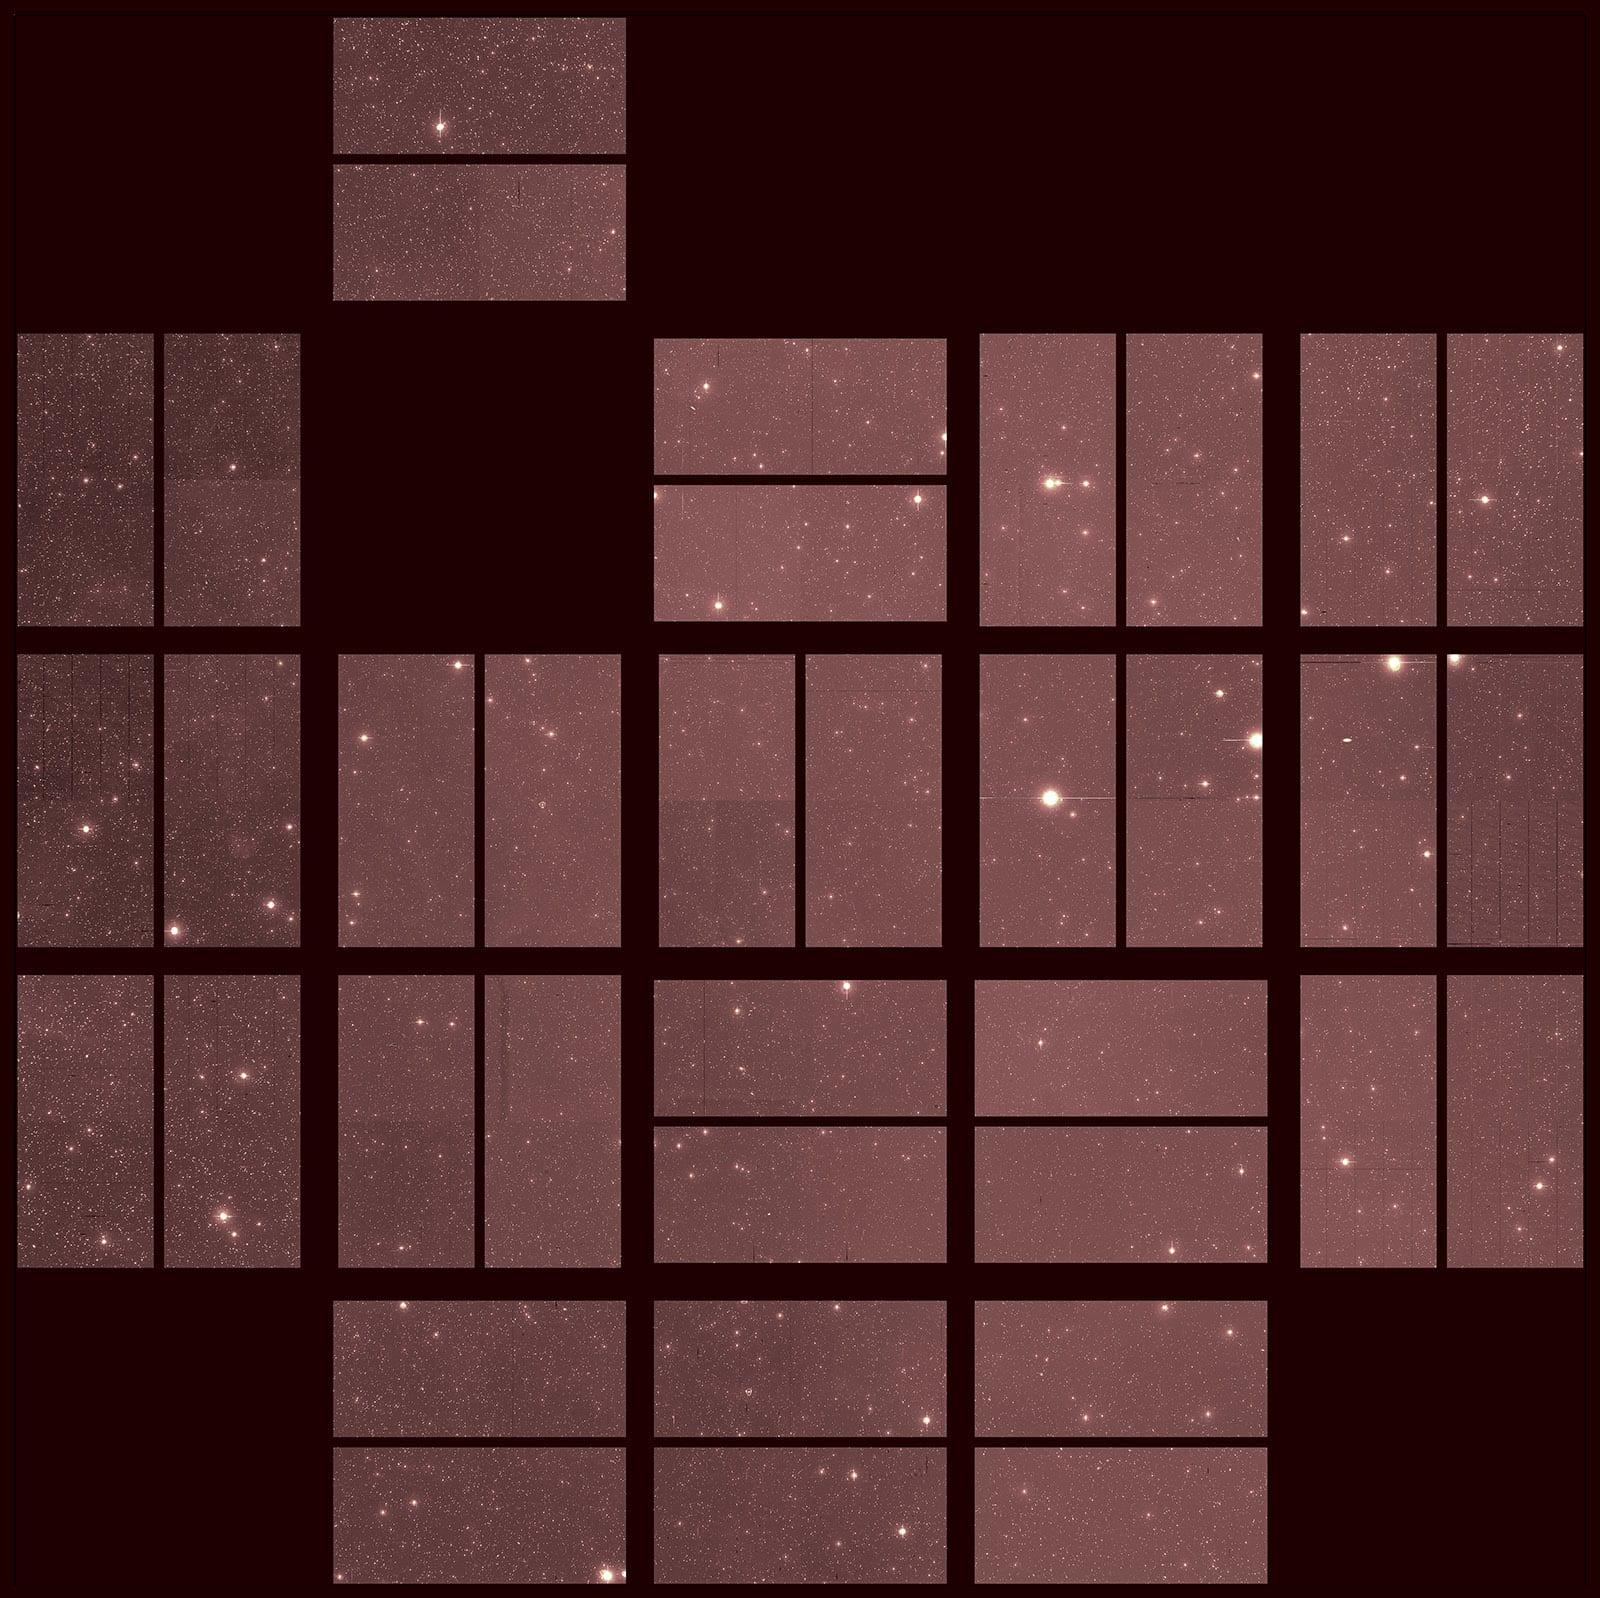 NASA Kepler